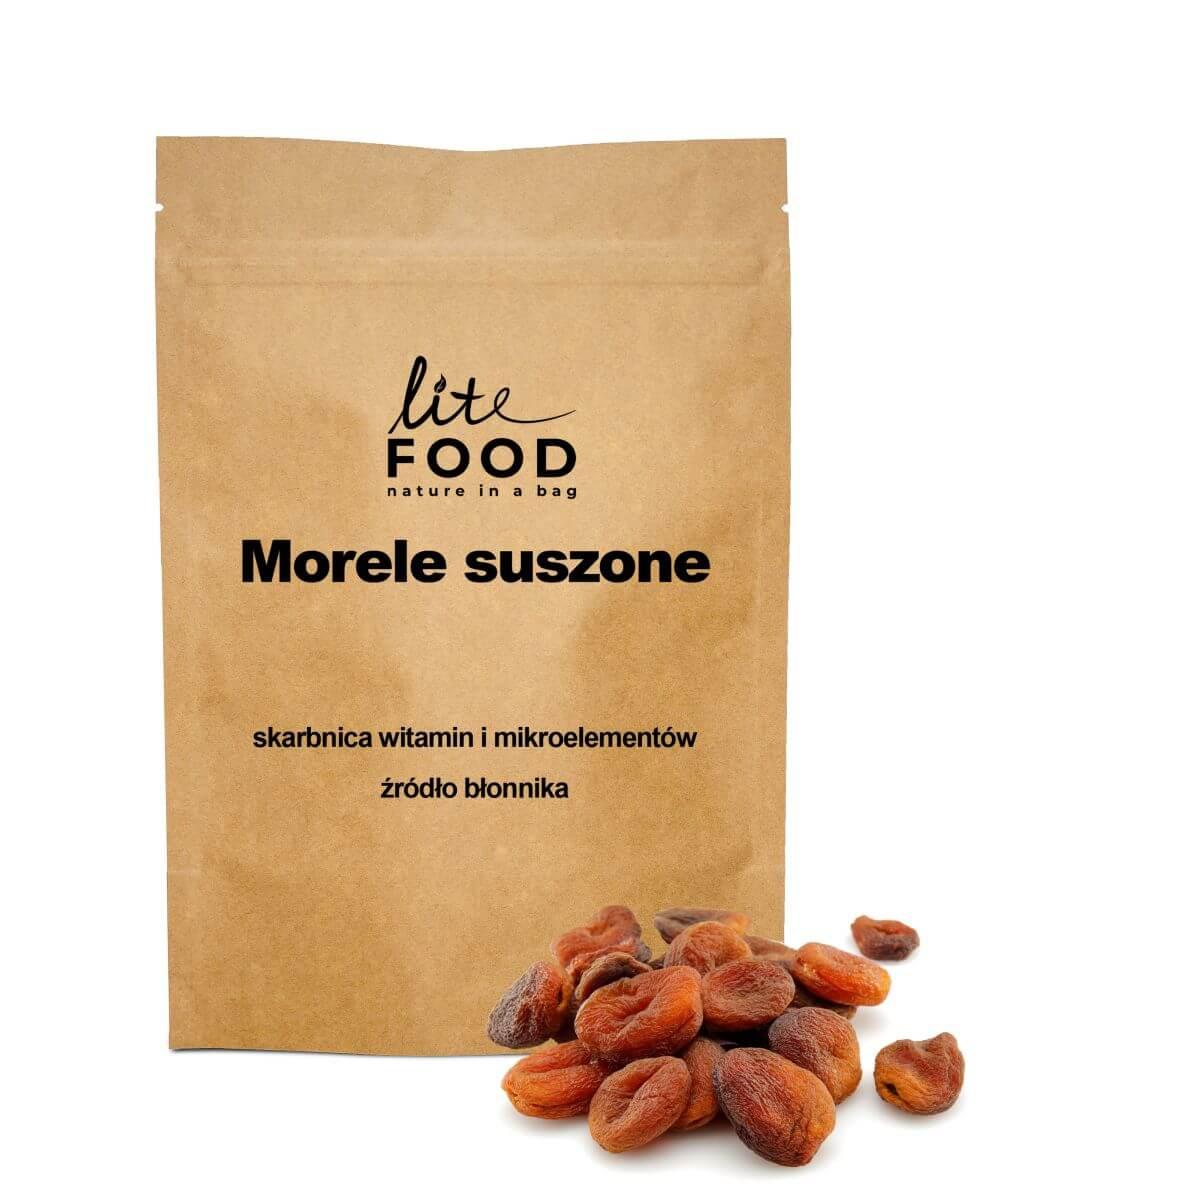 morele_suszone_1200